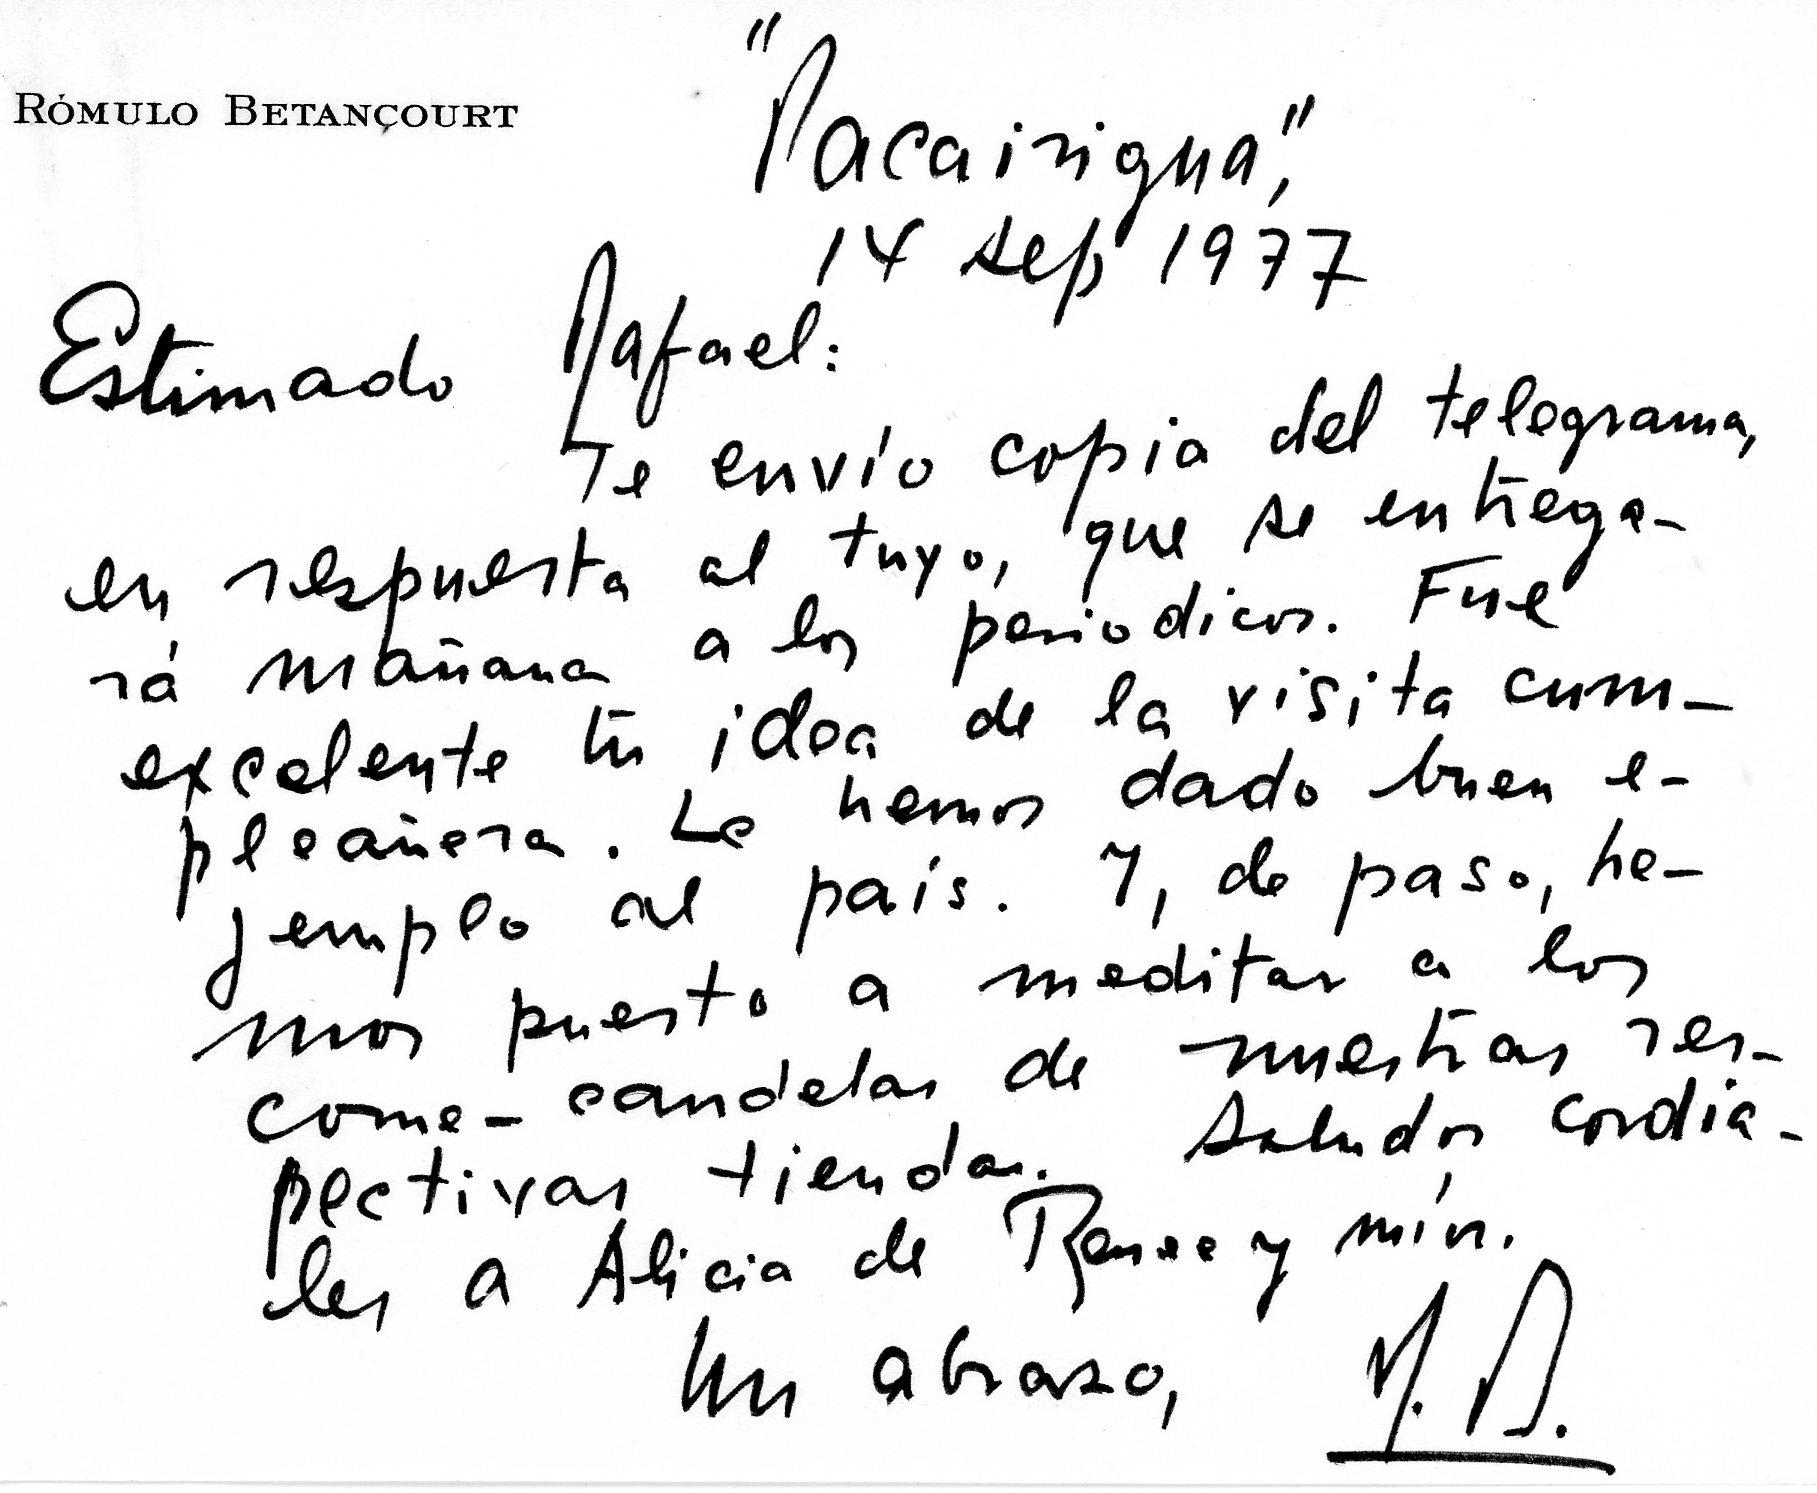 1977. Junio, 14. Respuesta de Rómulo Betancourt a telegrama de felicitación